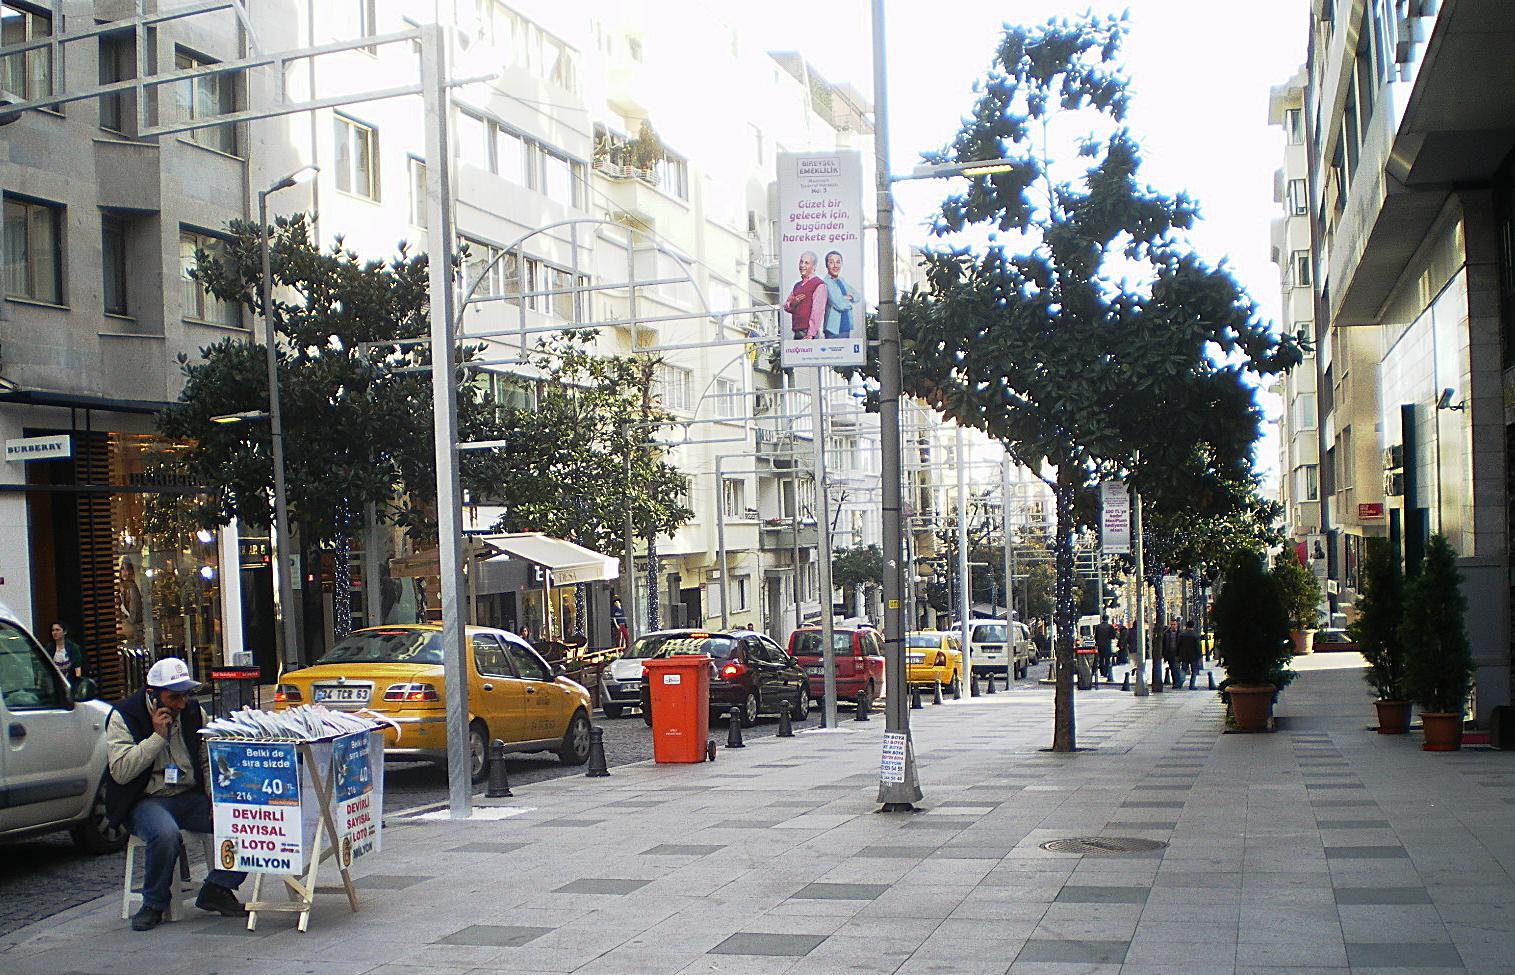 خیابان عبدی ایپکچی (Abdi İpekçi Caddesi)